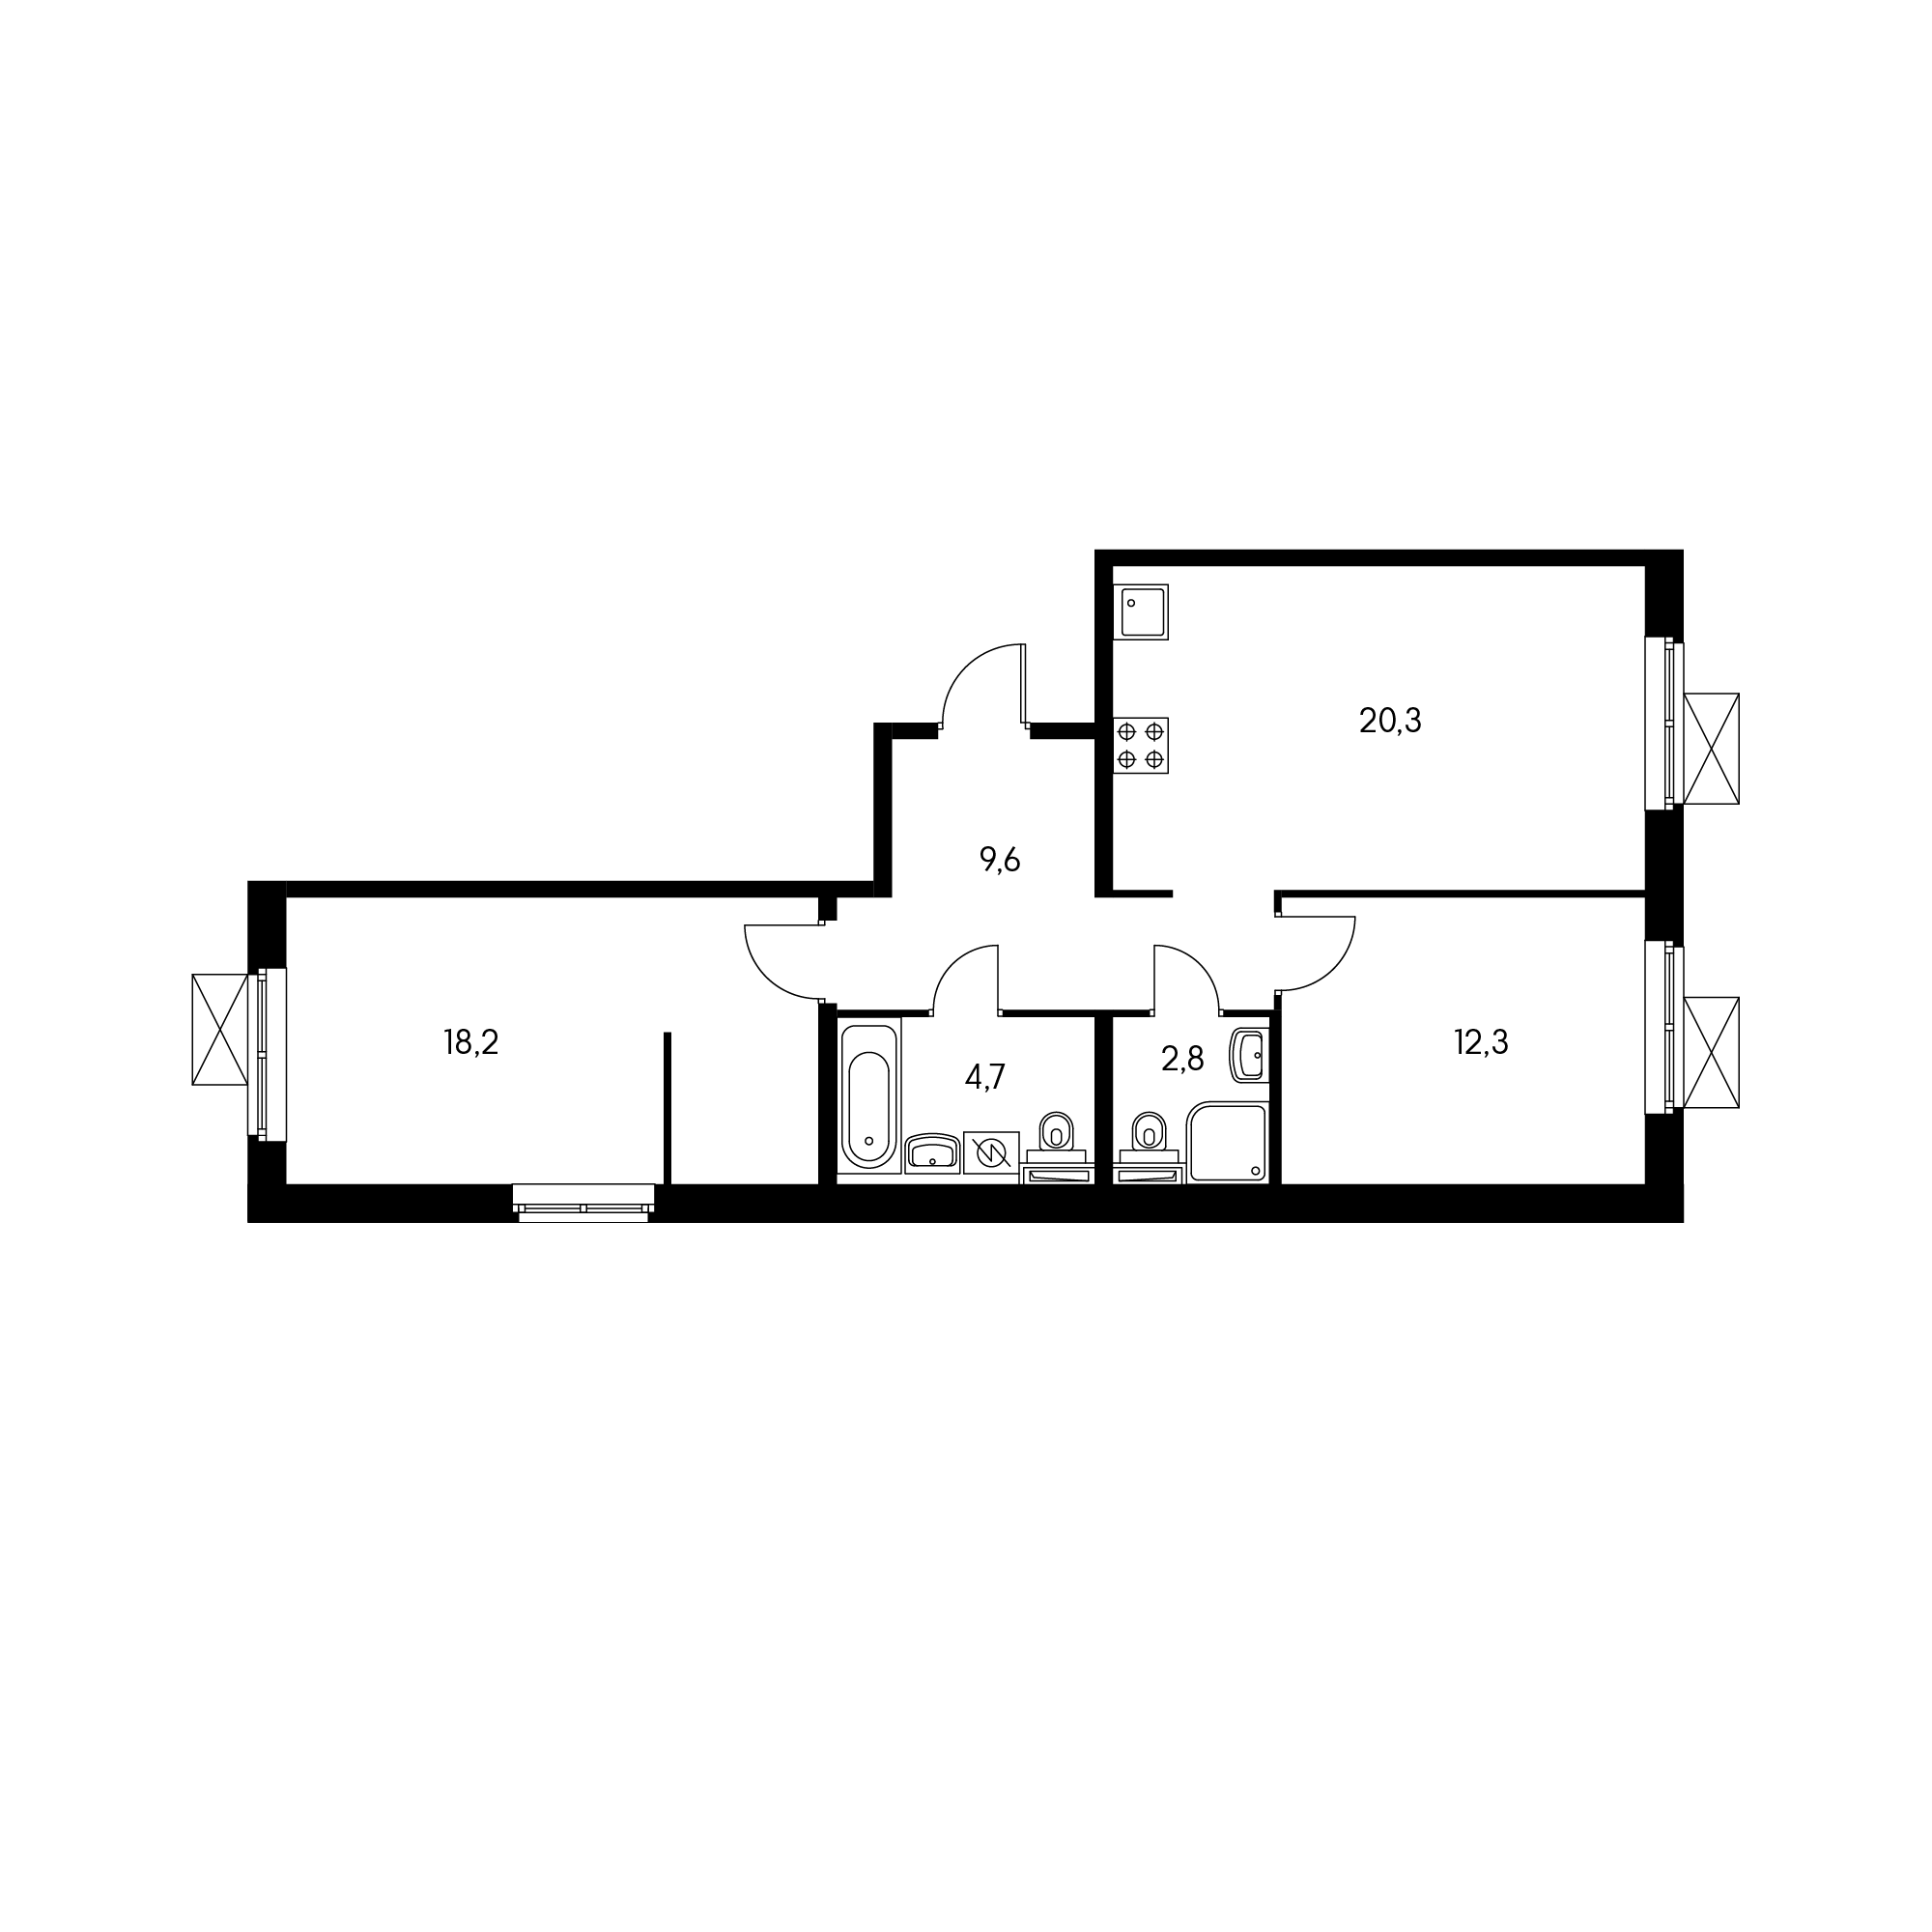 2EL3_6.9-1_S_ZT